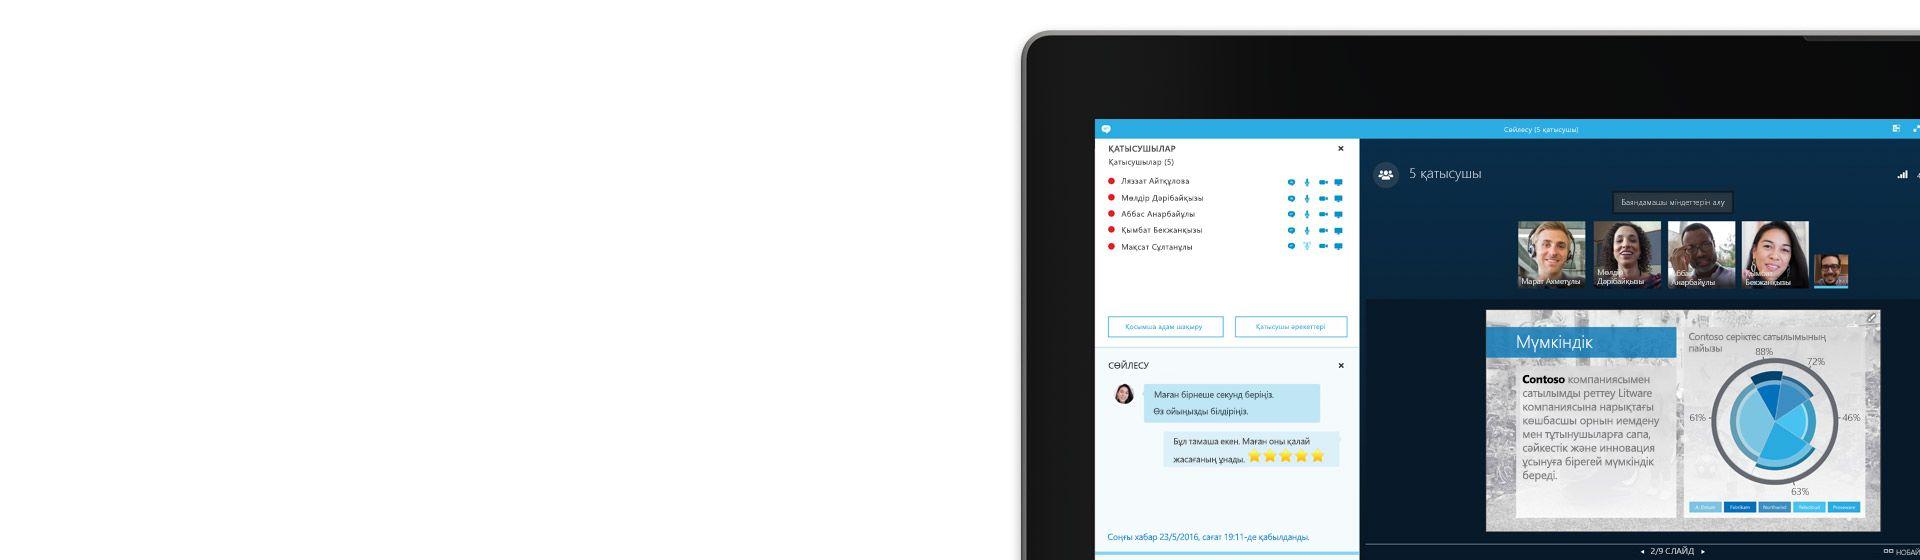 Бұрышында Бизнеске арналған Skype жиналысына қатысушылардың кескіндері көрсетілген ноутбук